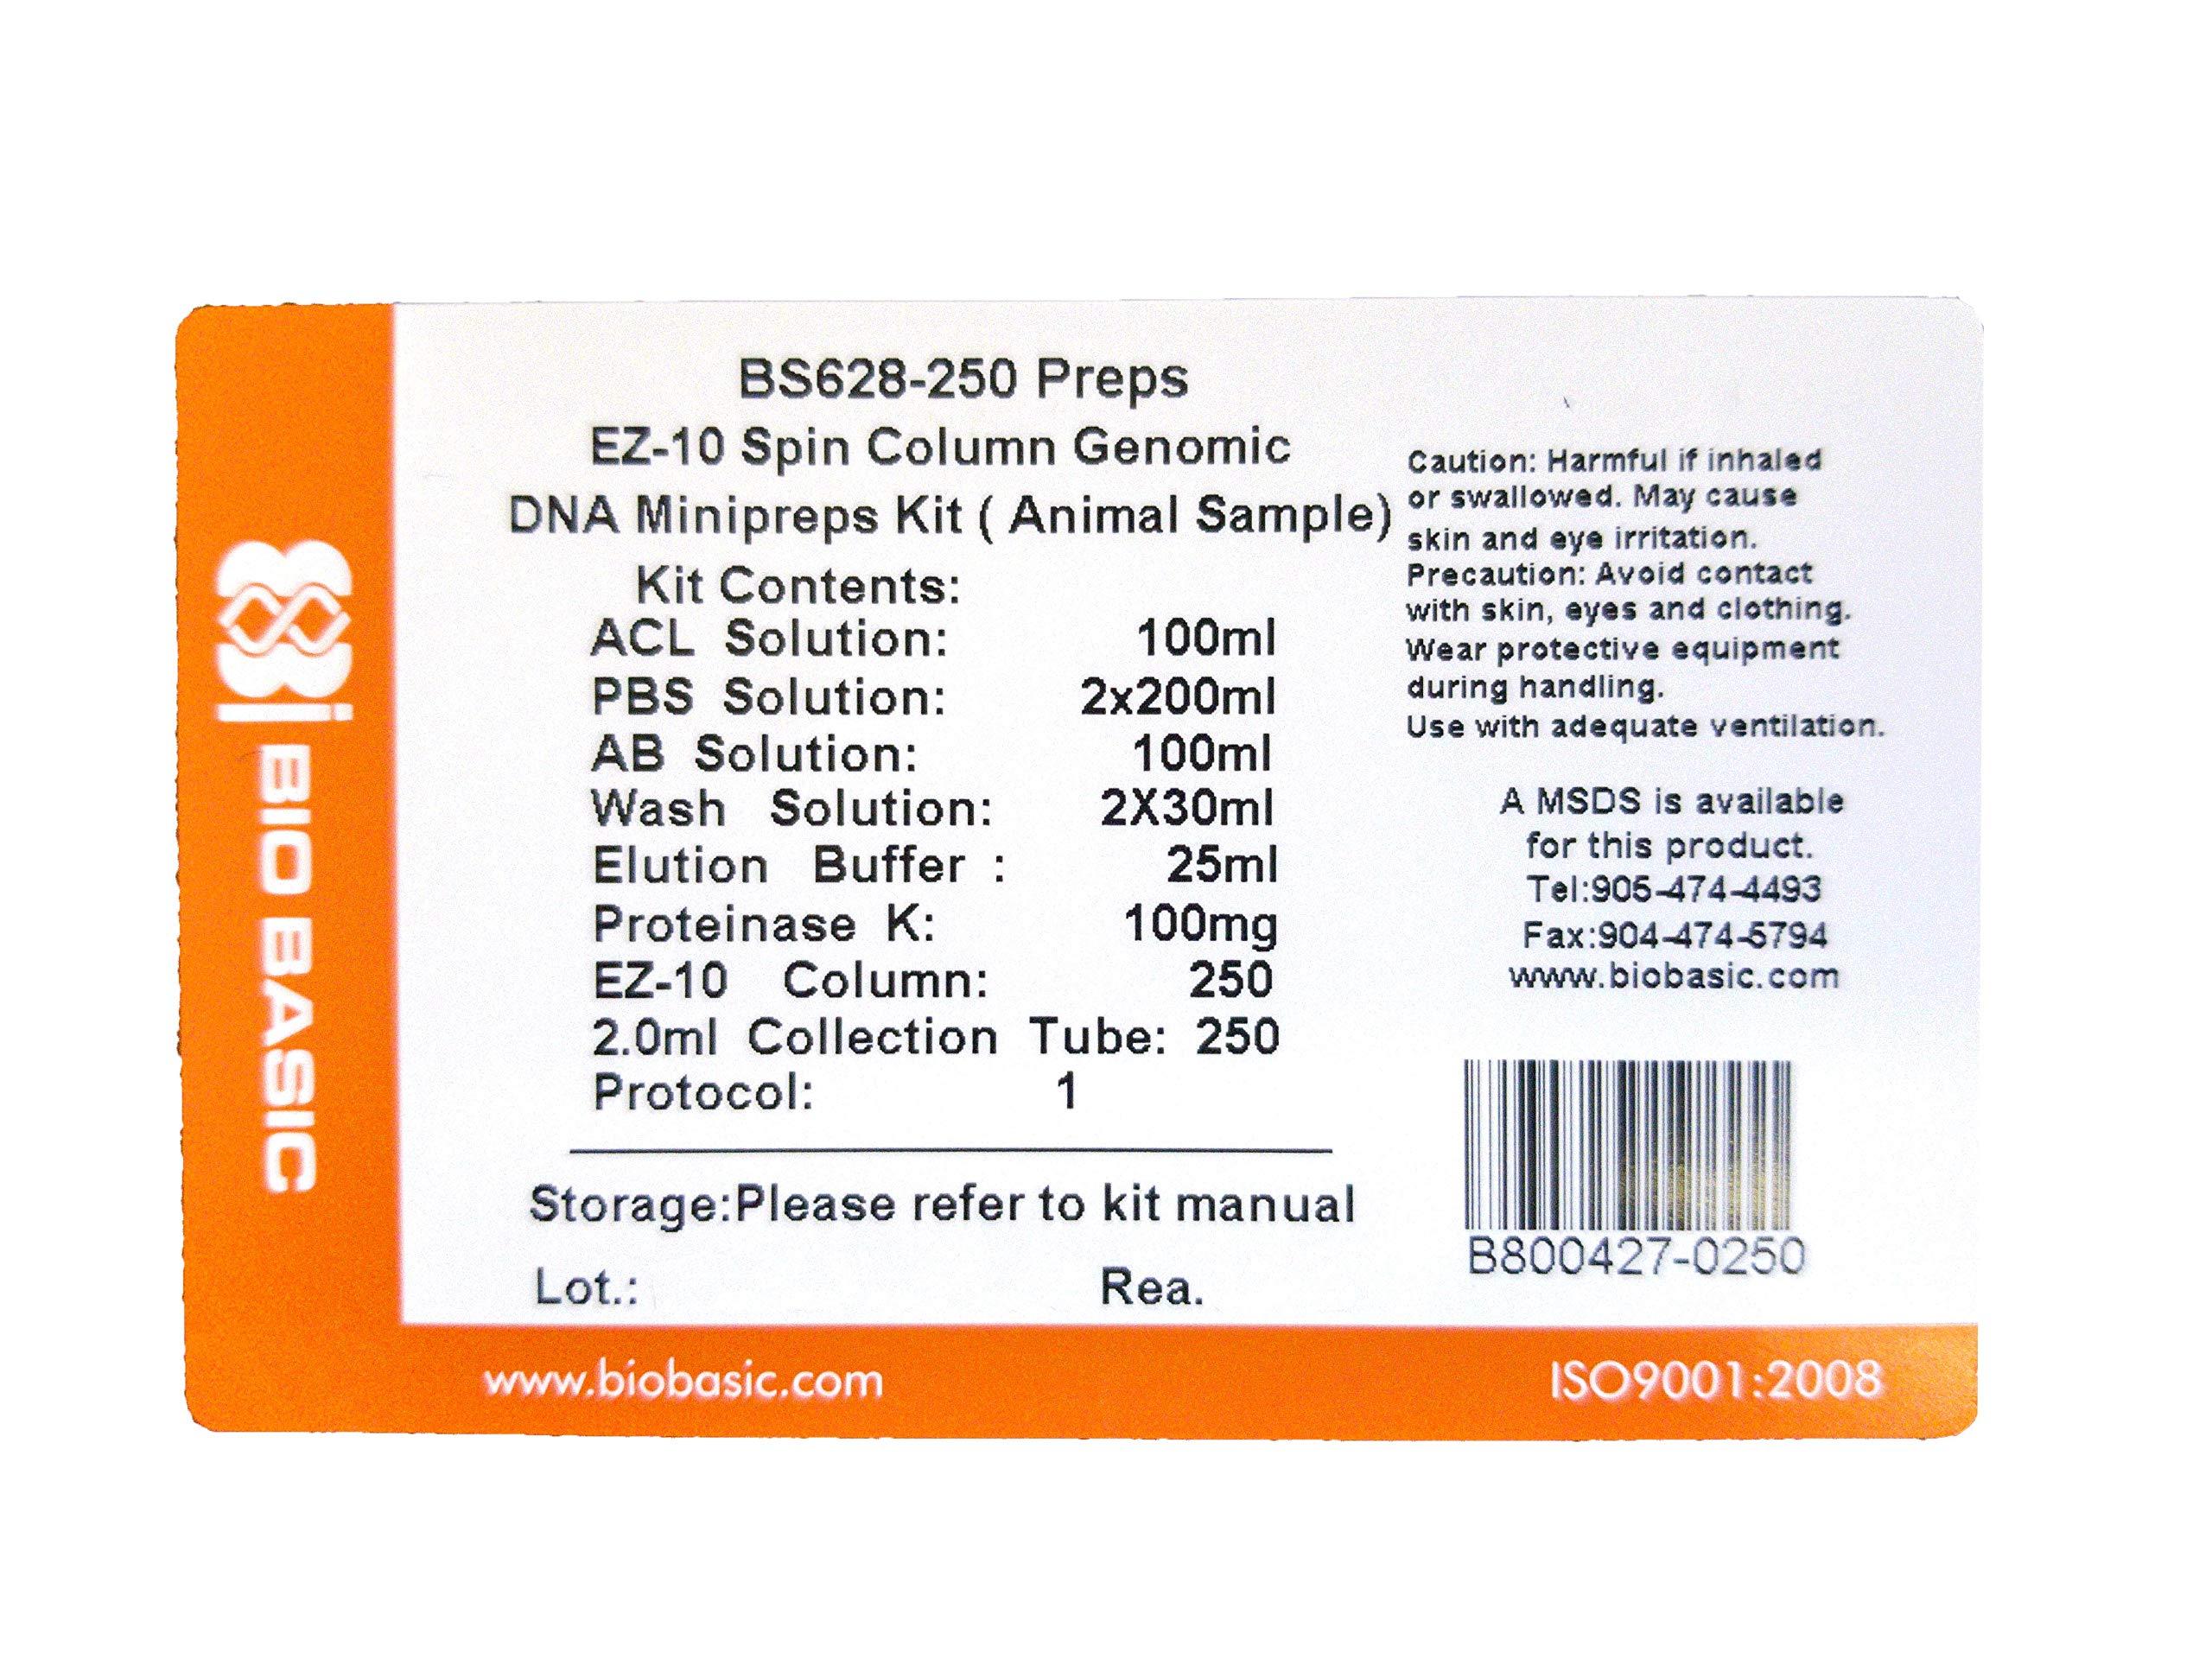 EZ-10 Spin Column Animal Genomic DNA Miniprep Kit, 250 Preparations